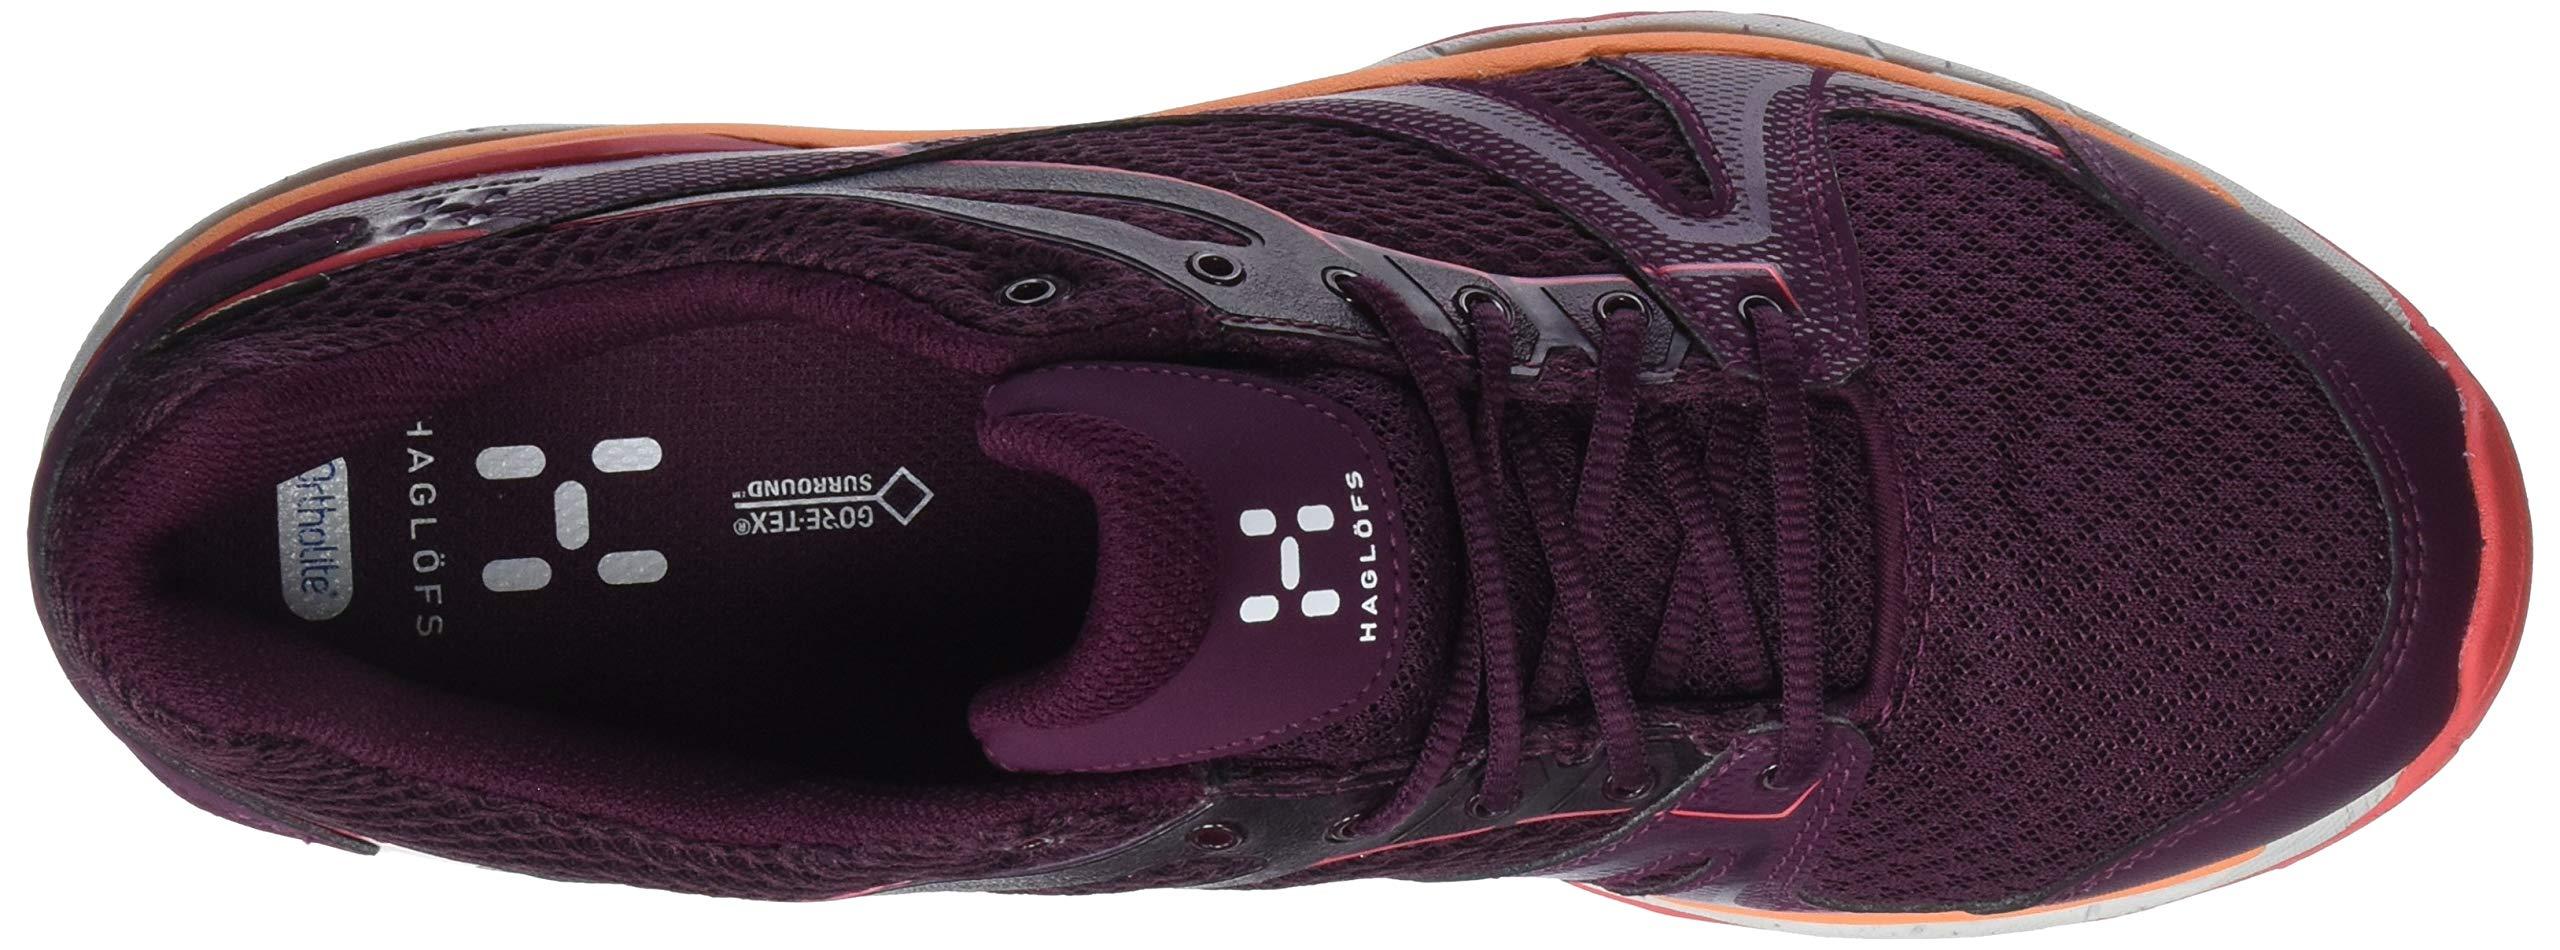 817N8XeKz5L - Haglöfs 497660Footwear Trekking